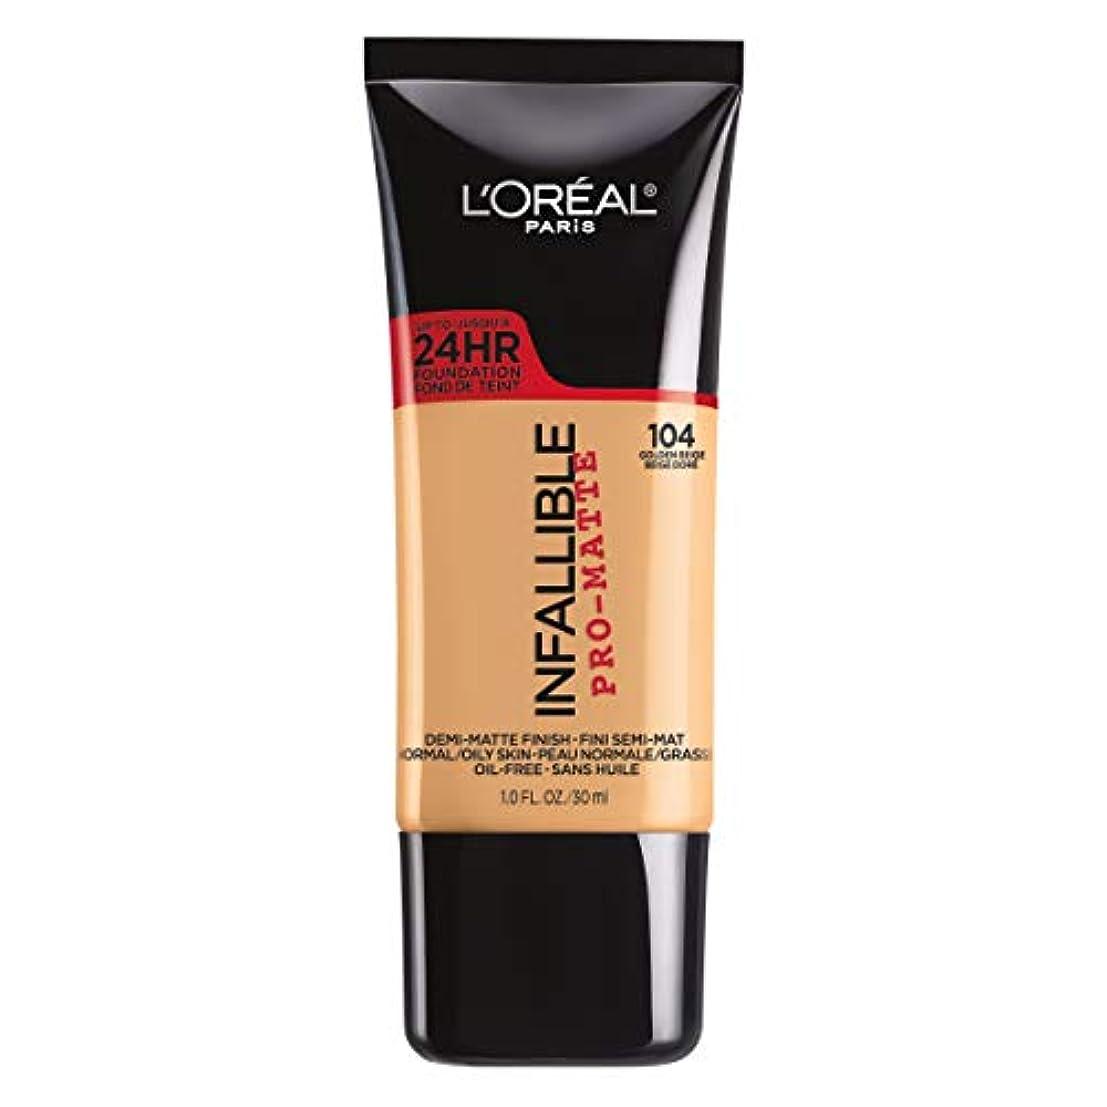 マーベルベッドロバL'Oreal Paris Infallible Pro-Matte Foundation Makeup, 104 Golden Beige, 1 fl. oz[並行輸入品]